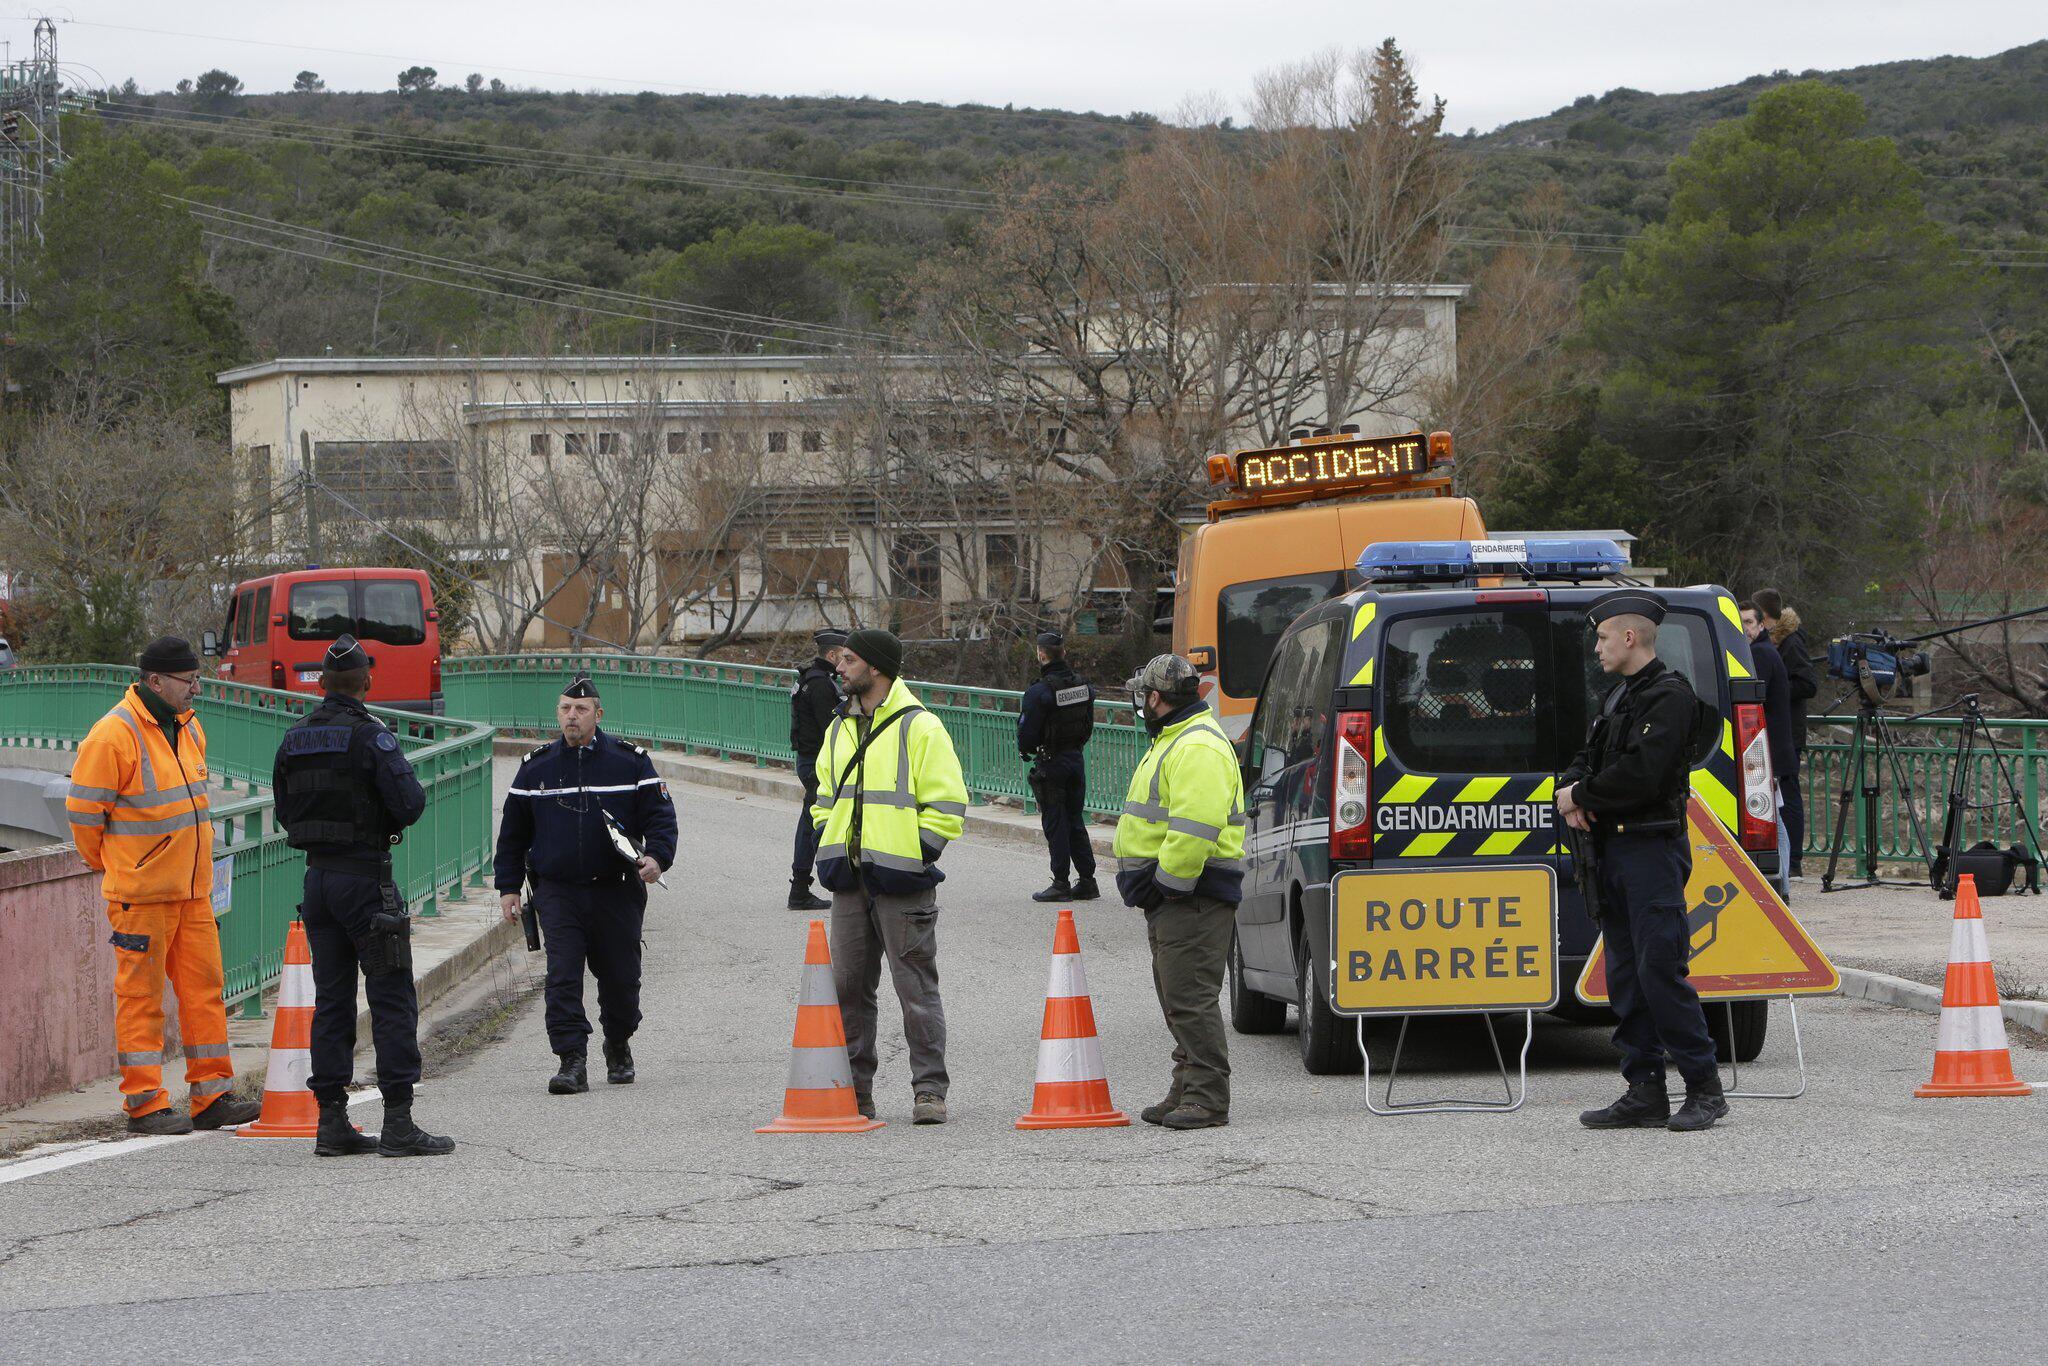 Bild zu Militärhubschrauber in Südfrankreich abgestürzt